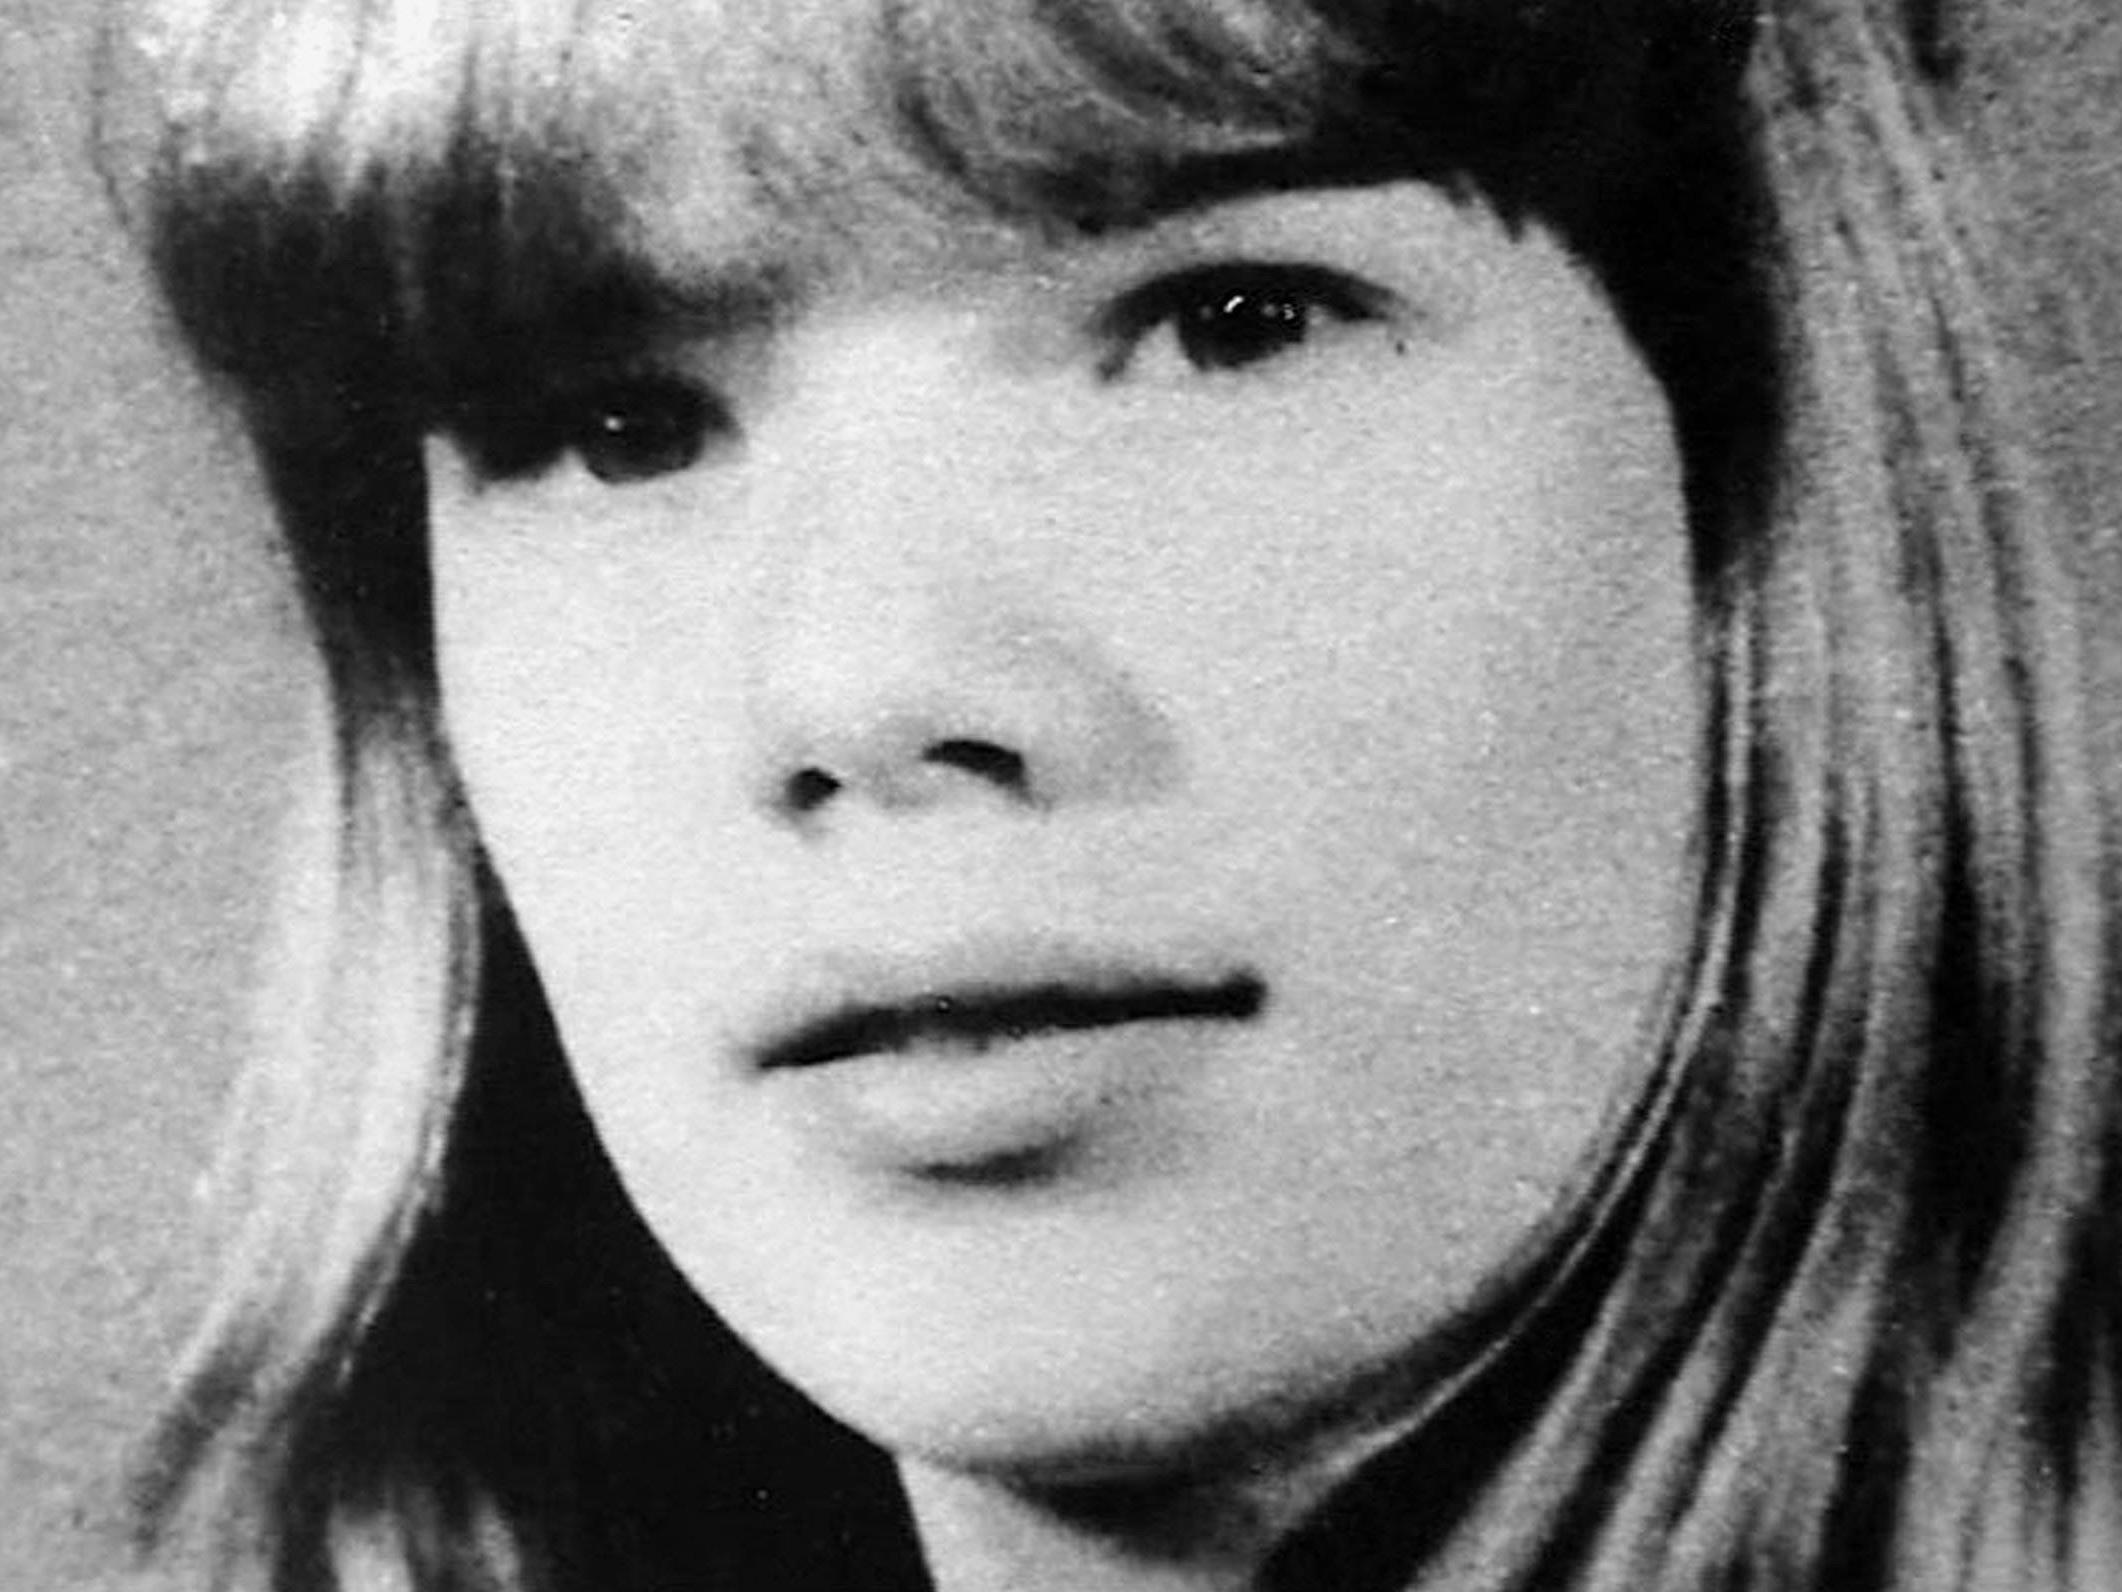 Drama um den Tod einer 14-Jährigen in Lindau und die spektakuläre Selbstjustiz-Aktion ihres Vaters.